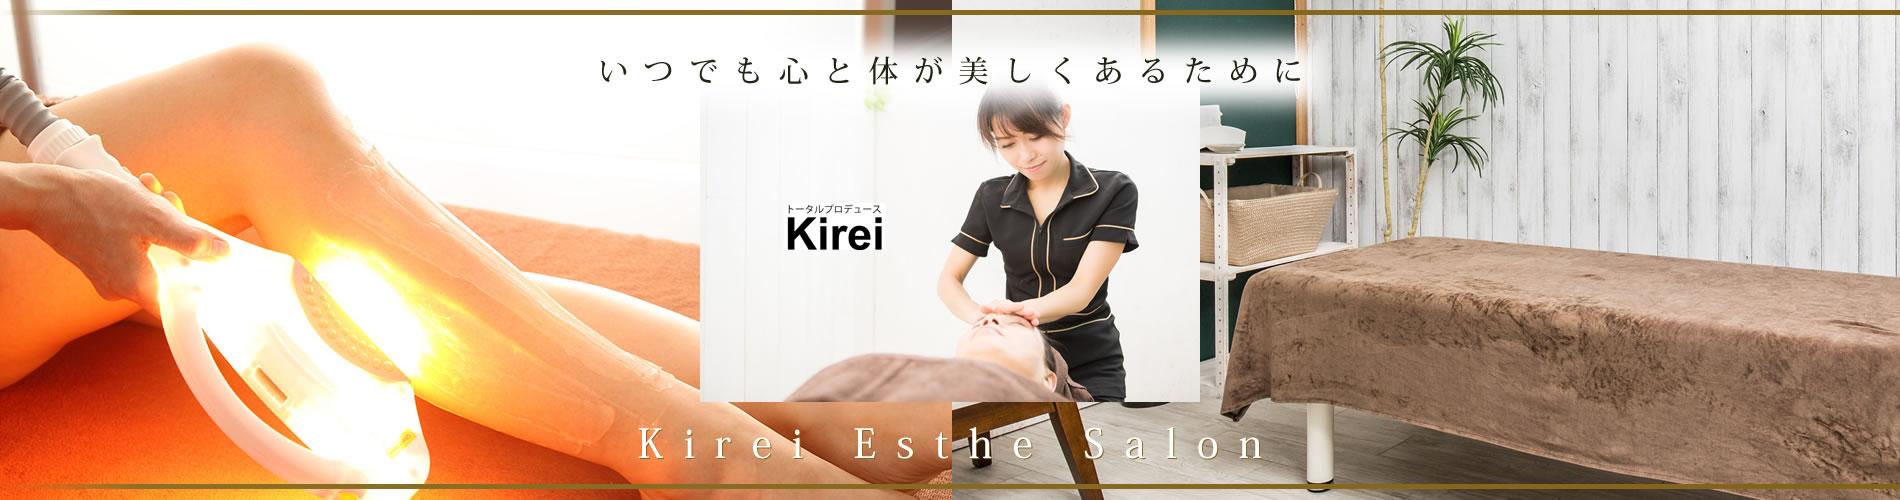 名古屋市のエステスクール|髪育|脱毛|トータルプロデュースKirei